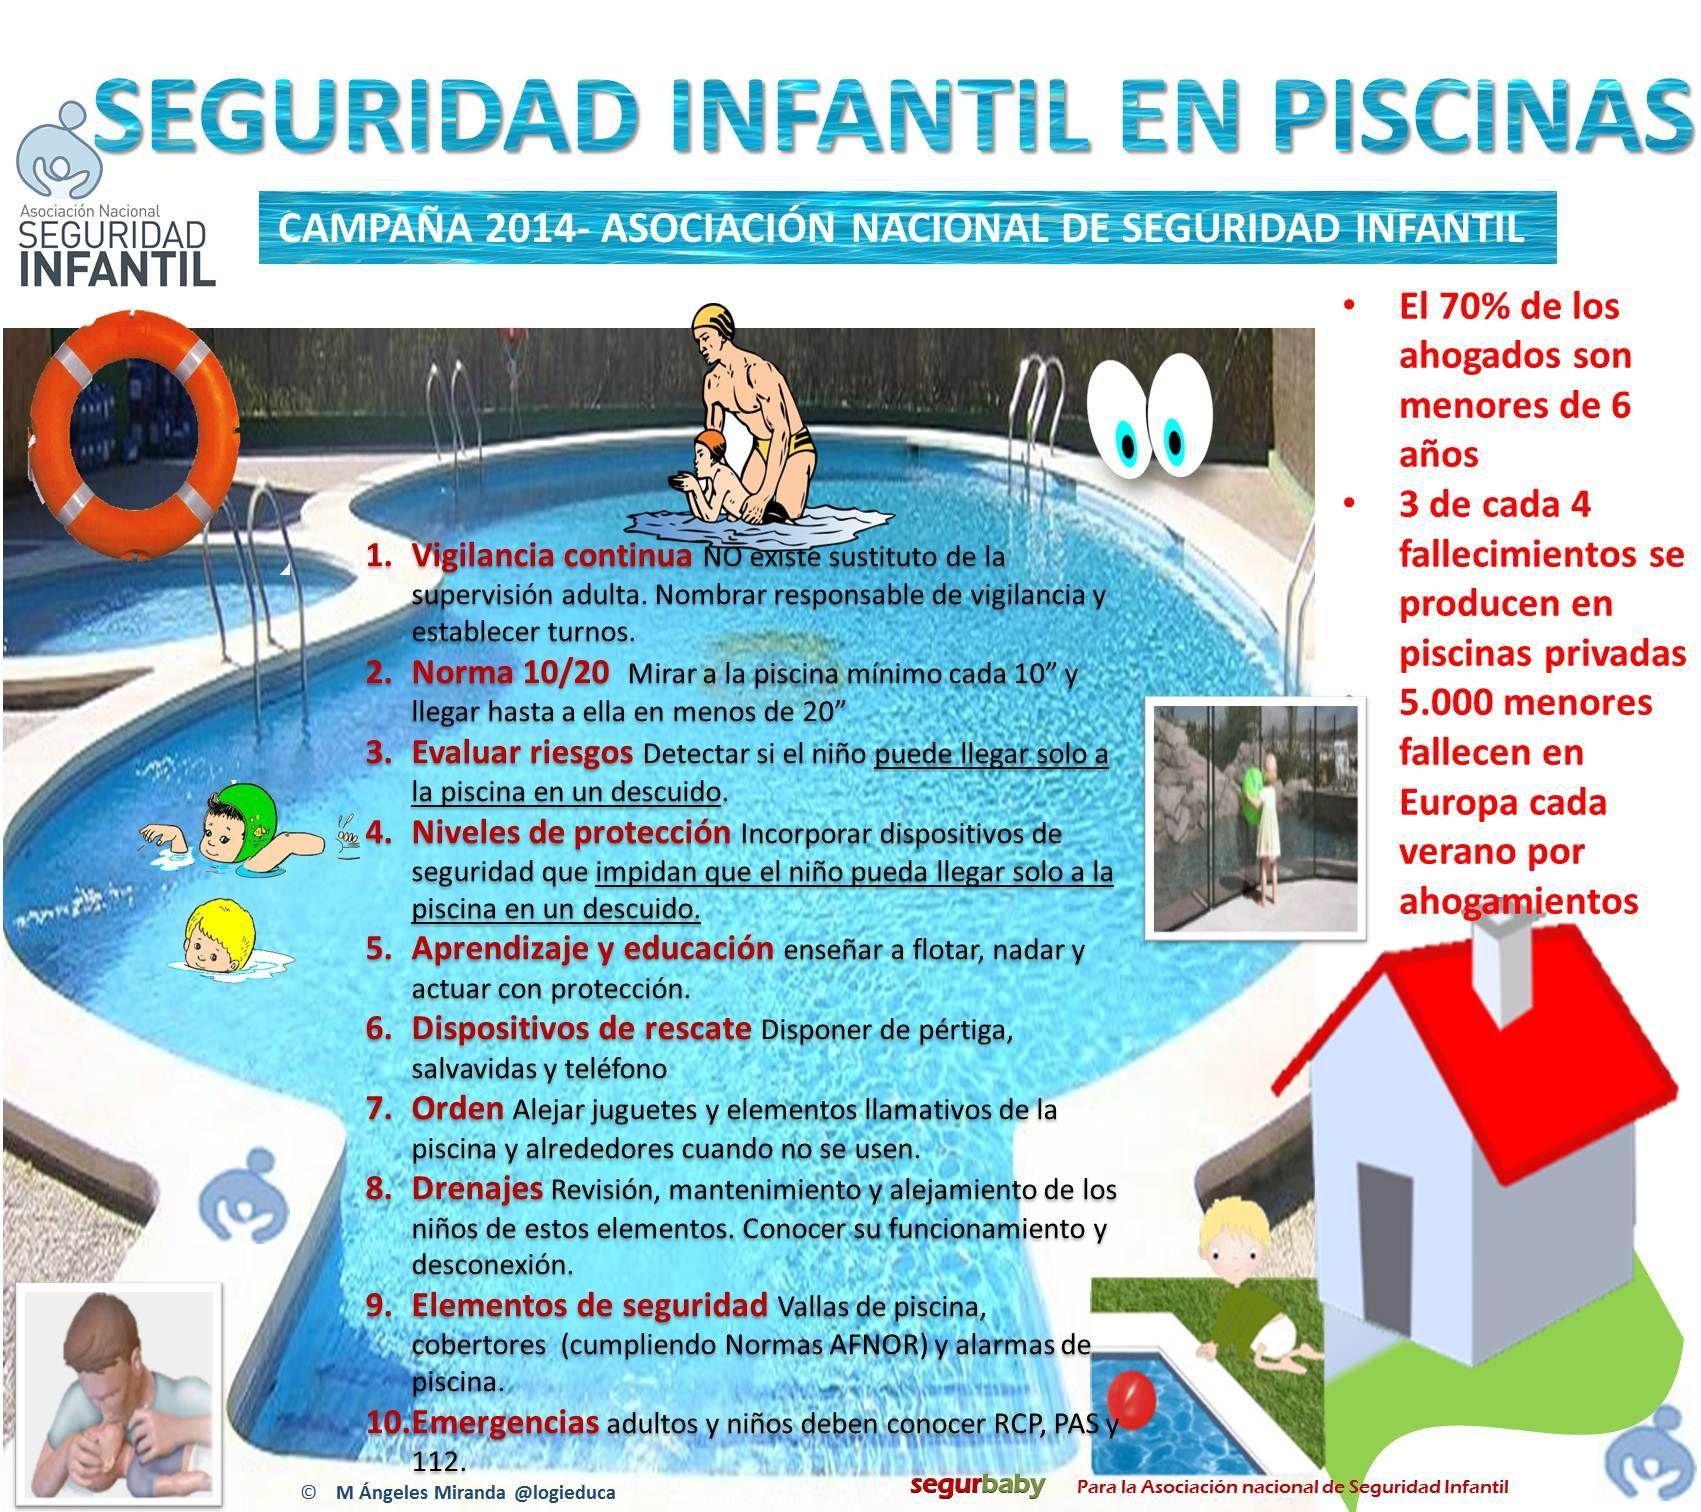 Infografia Con El Decálogo De Seguridad Infantil En Piscinas Elaborado Por Al Asociación Nacional De Seguridad Infantil Seguridad Infantil Piscinas Prevencion